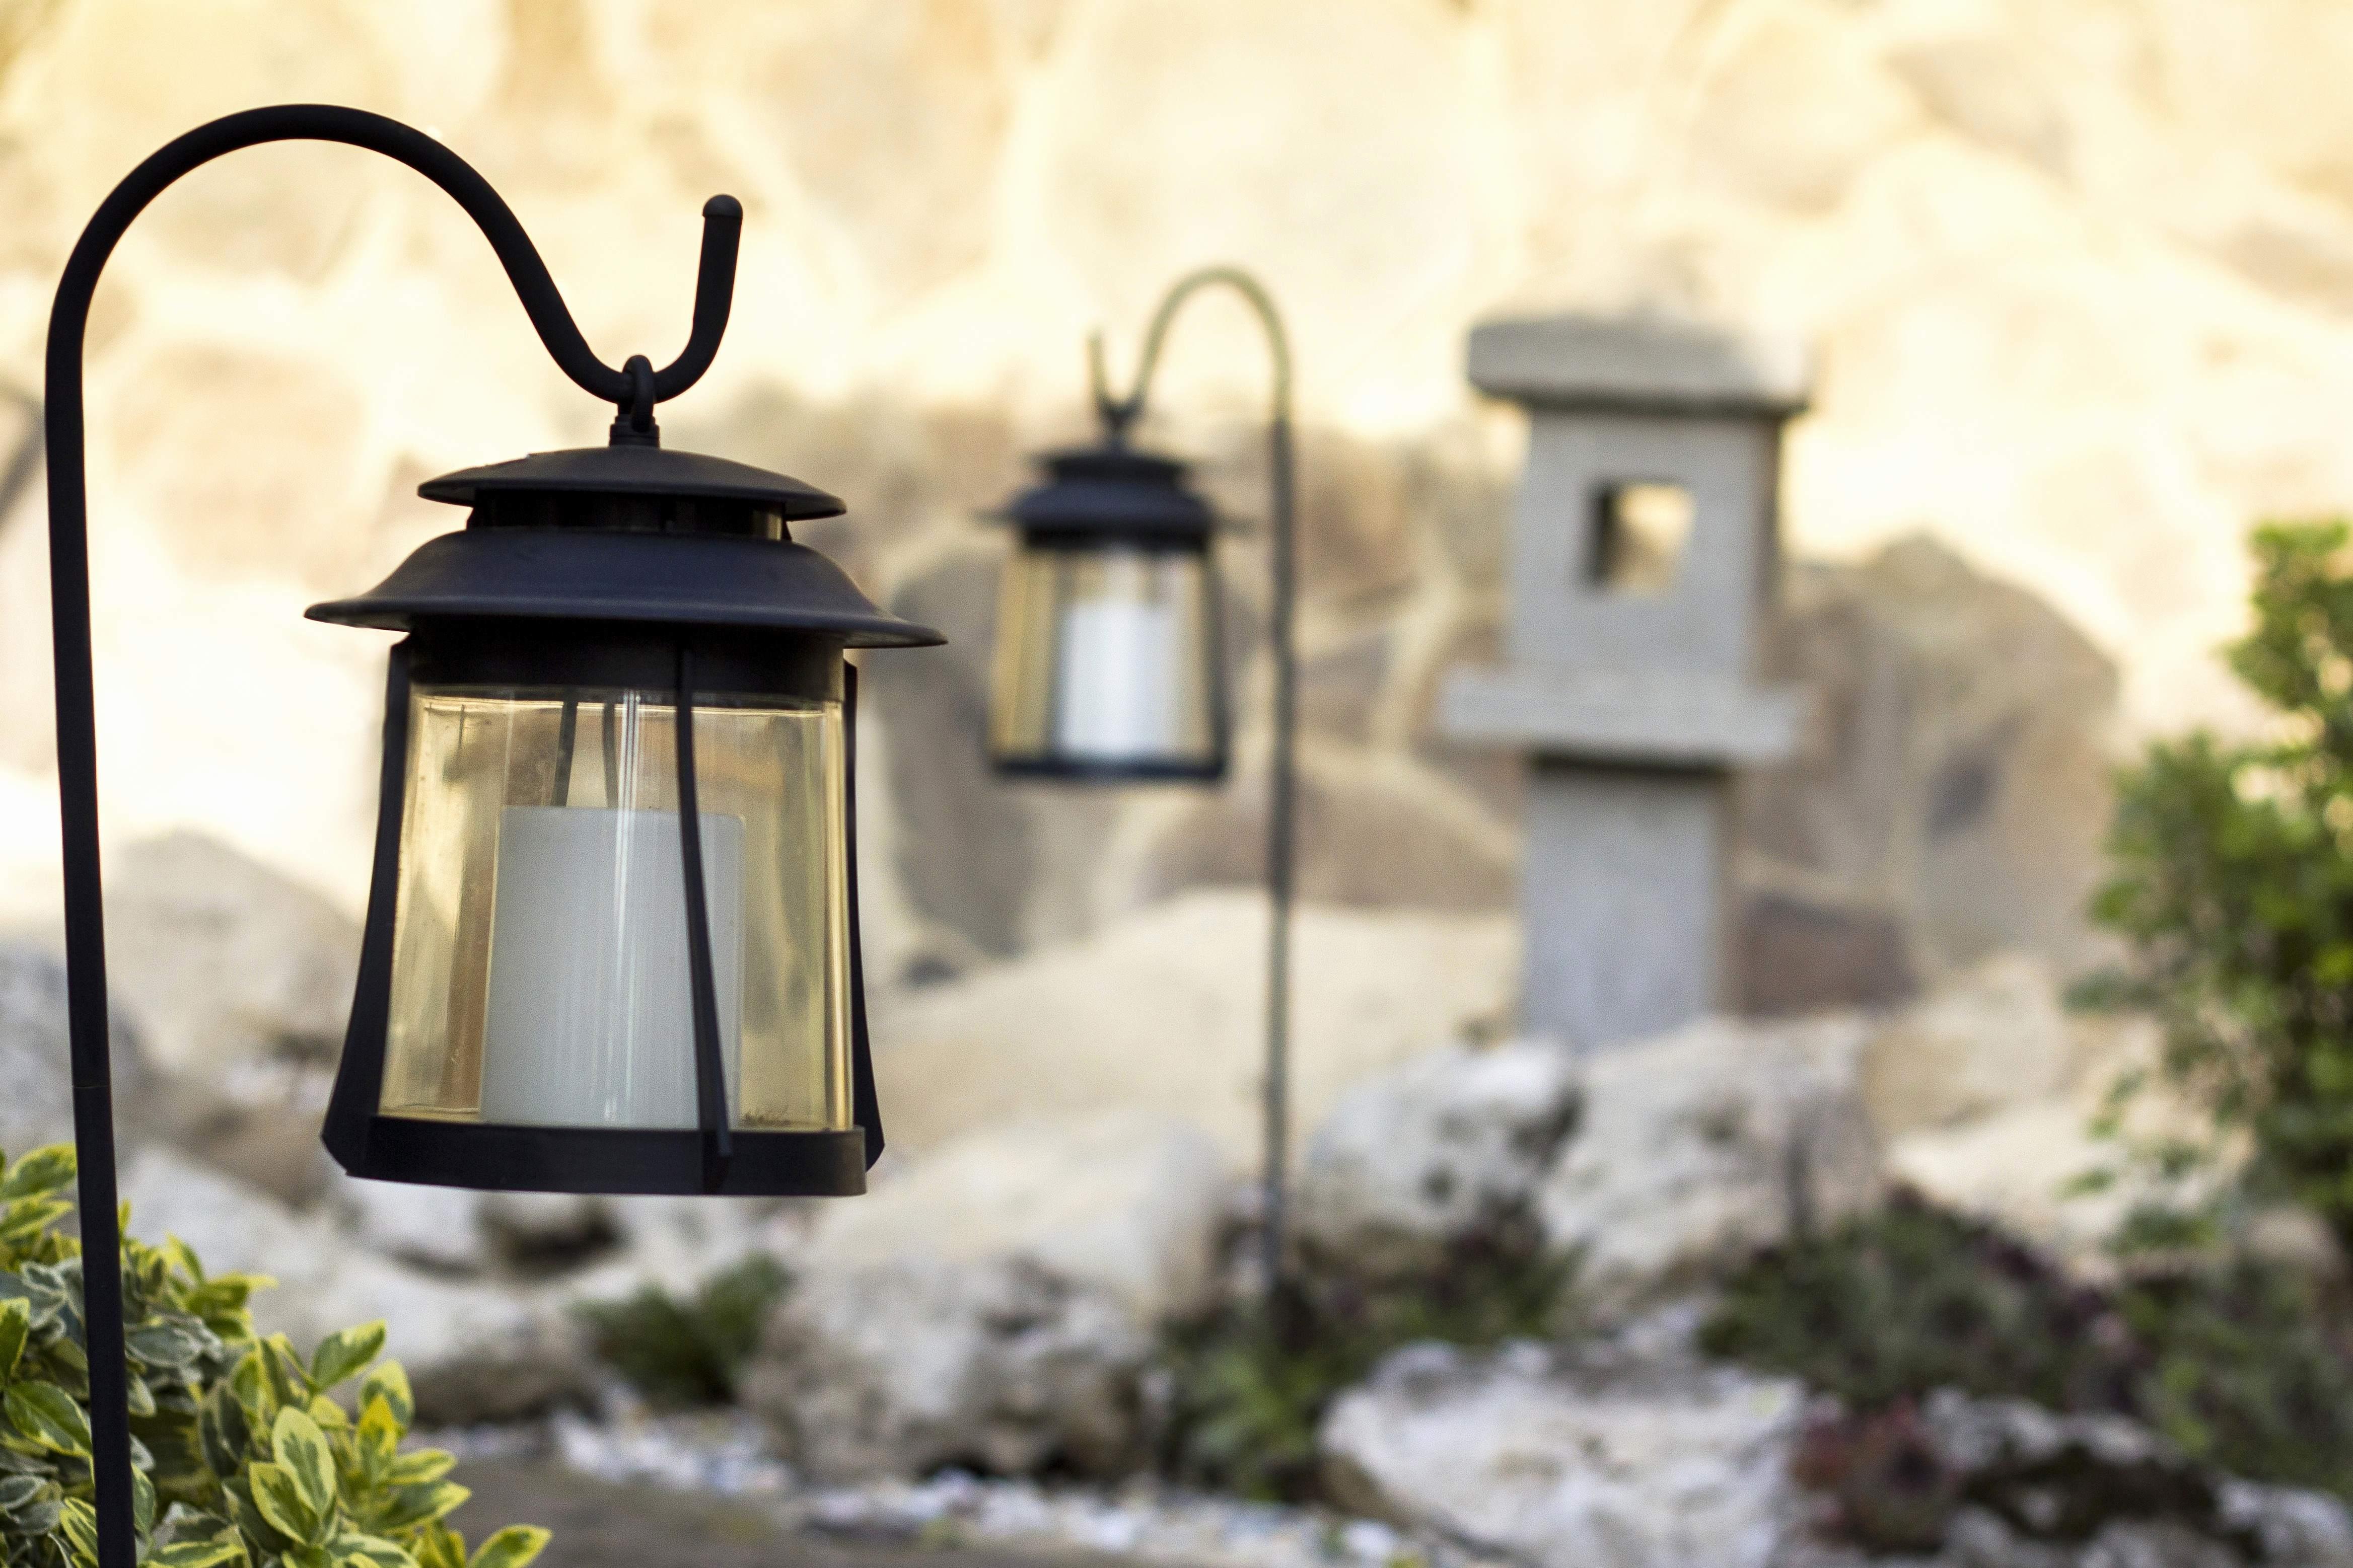 Lampe De Chevet solaire Frais Image Lampes solaires Jardin Impressionnant Les 16 Nouveau Eclairage